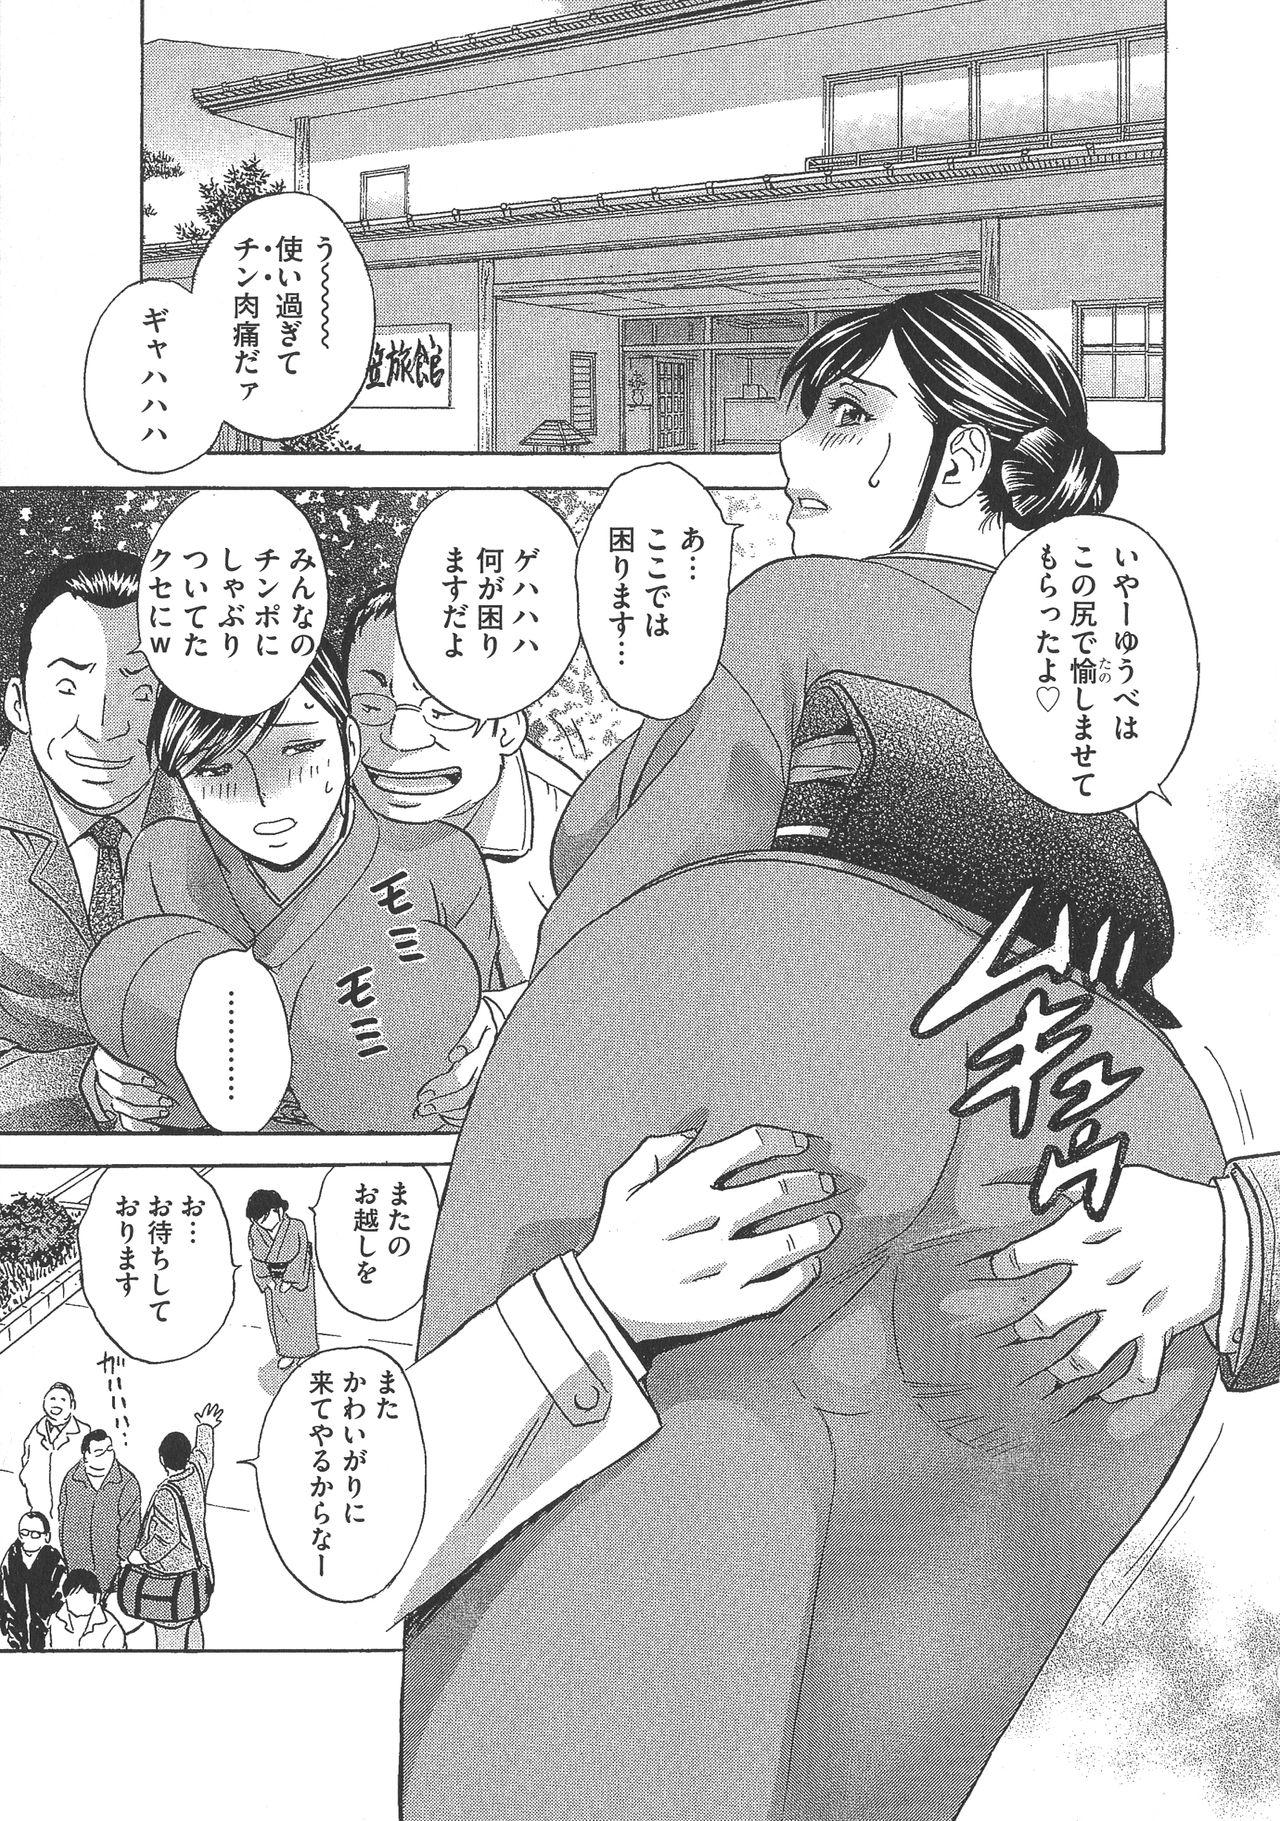 Chijoku ni Modaeru Haha no Chichi… 88